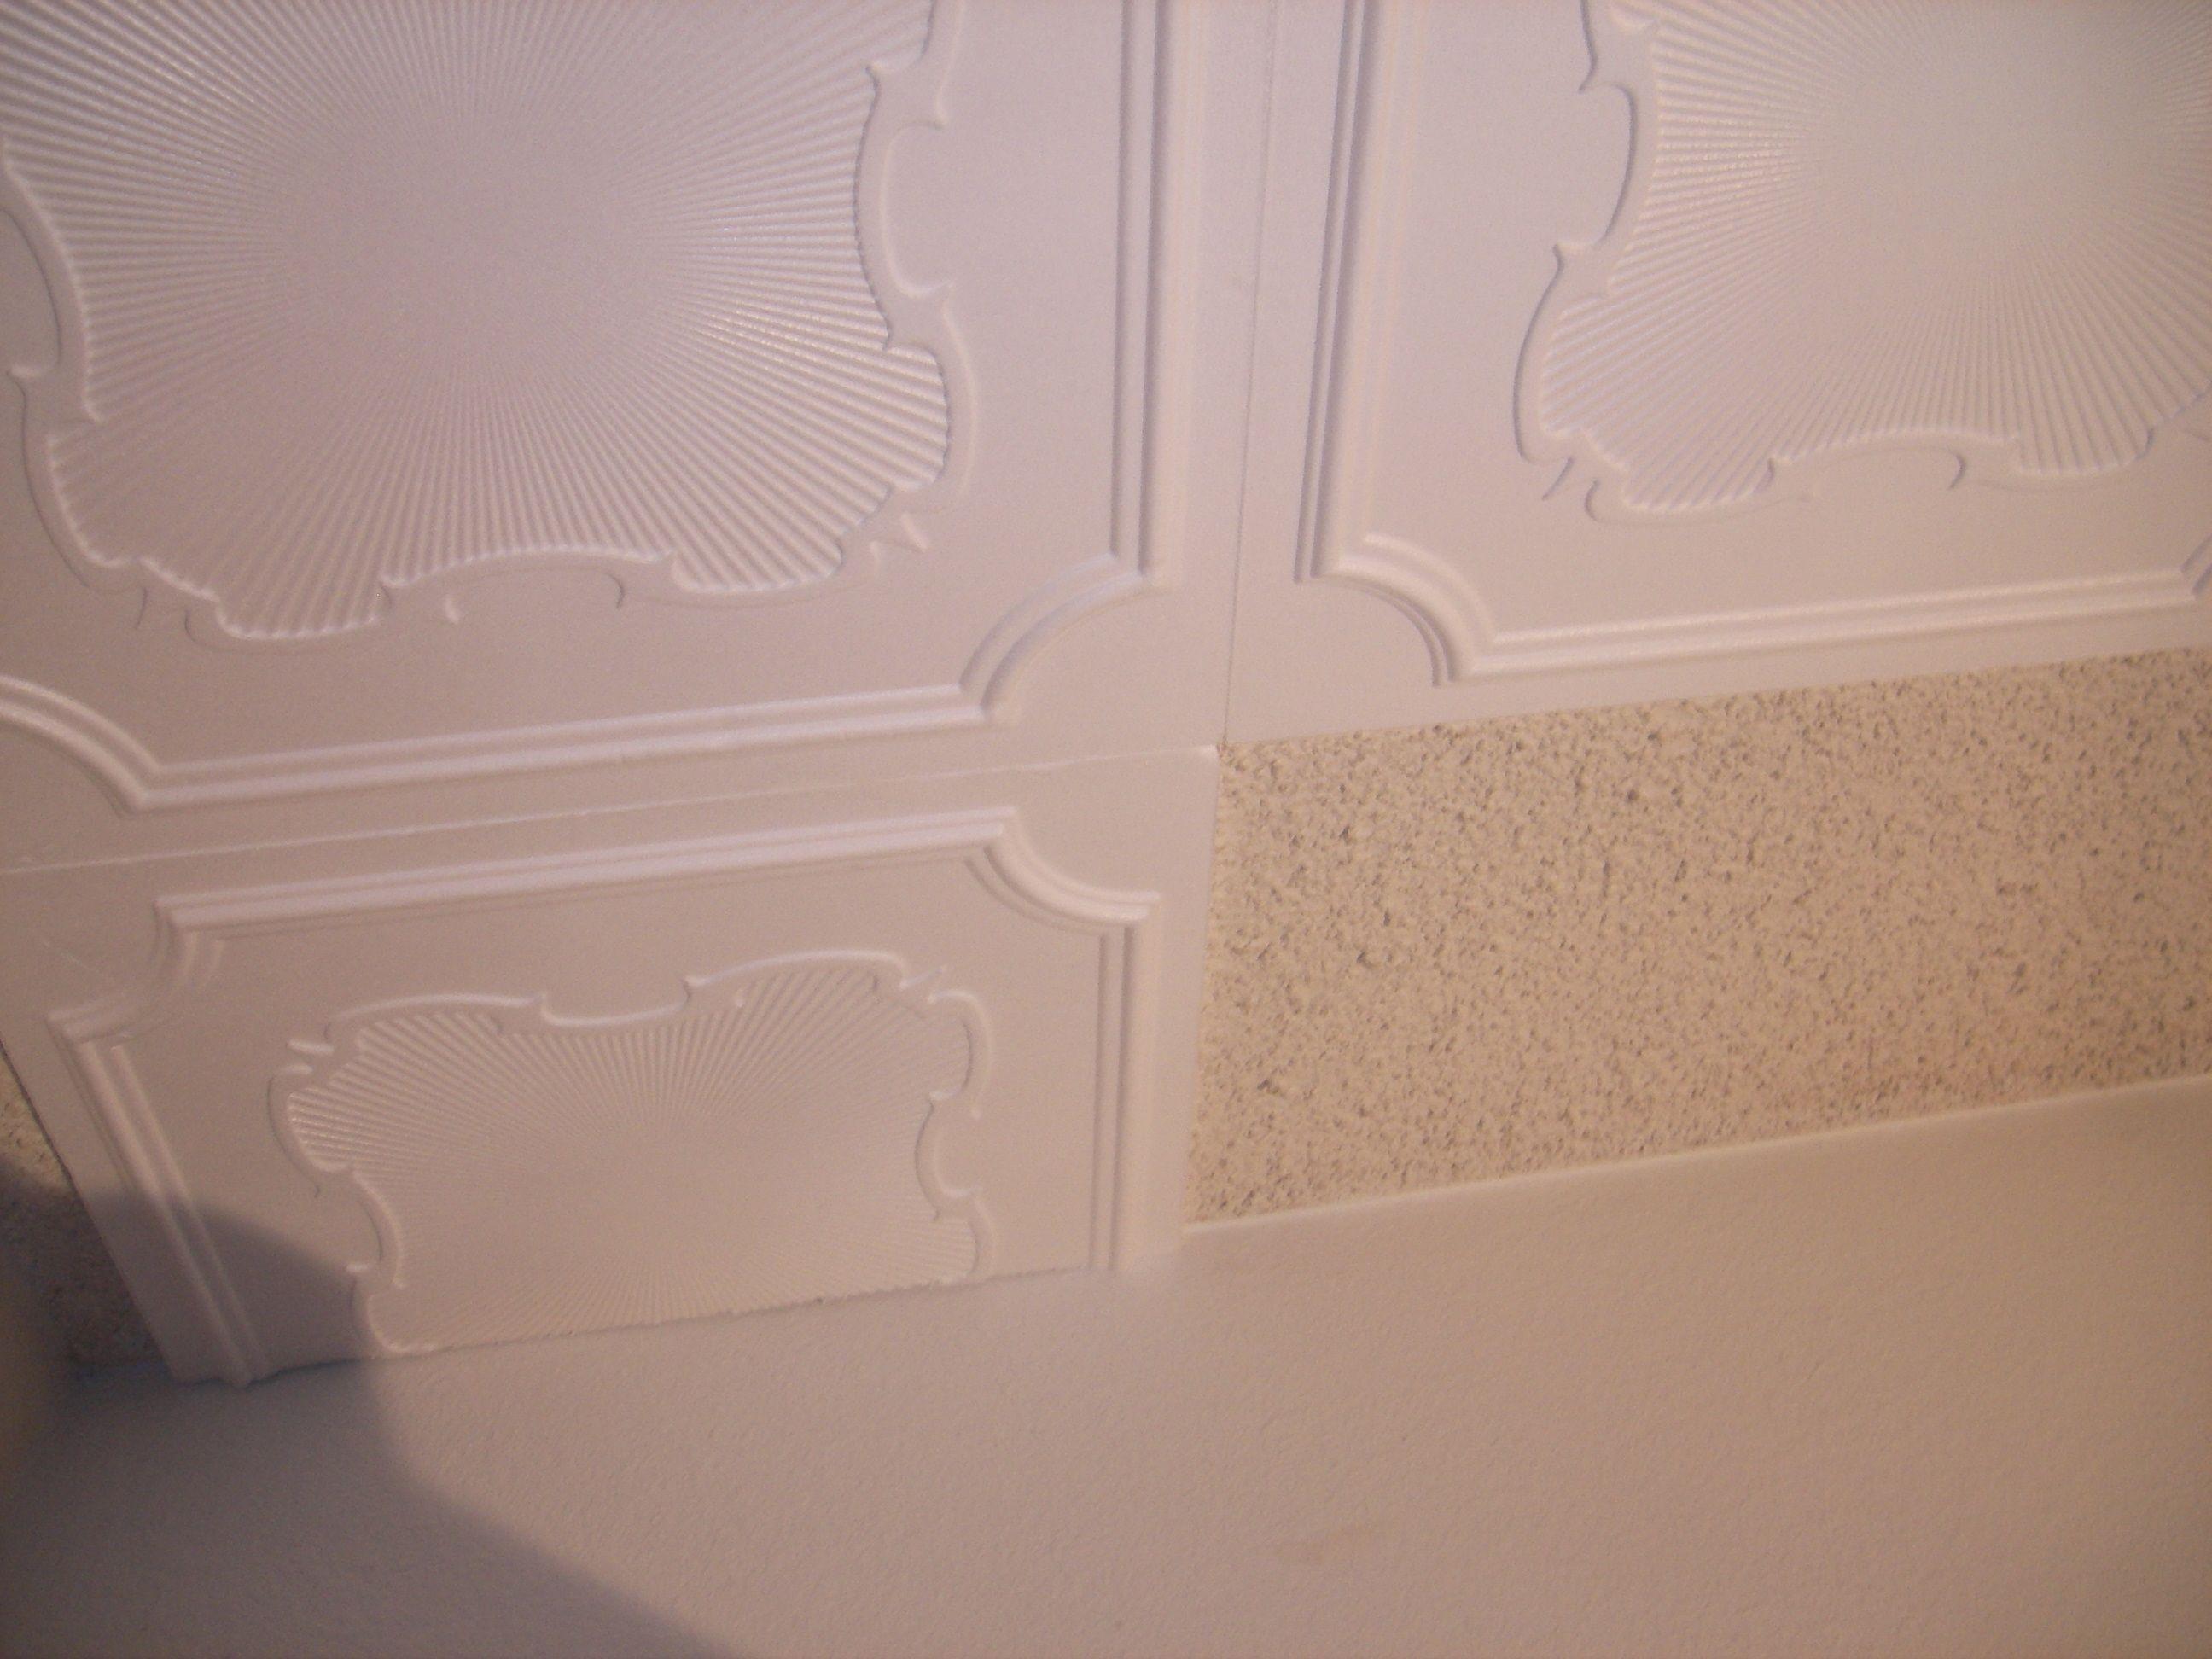 Styrofoam ceiling tiles so easily installed over popcorn ...